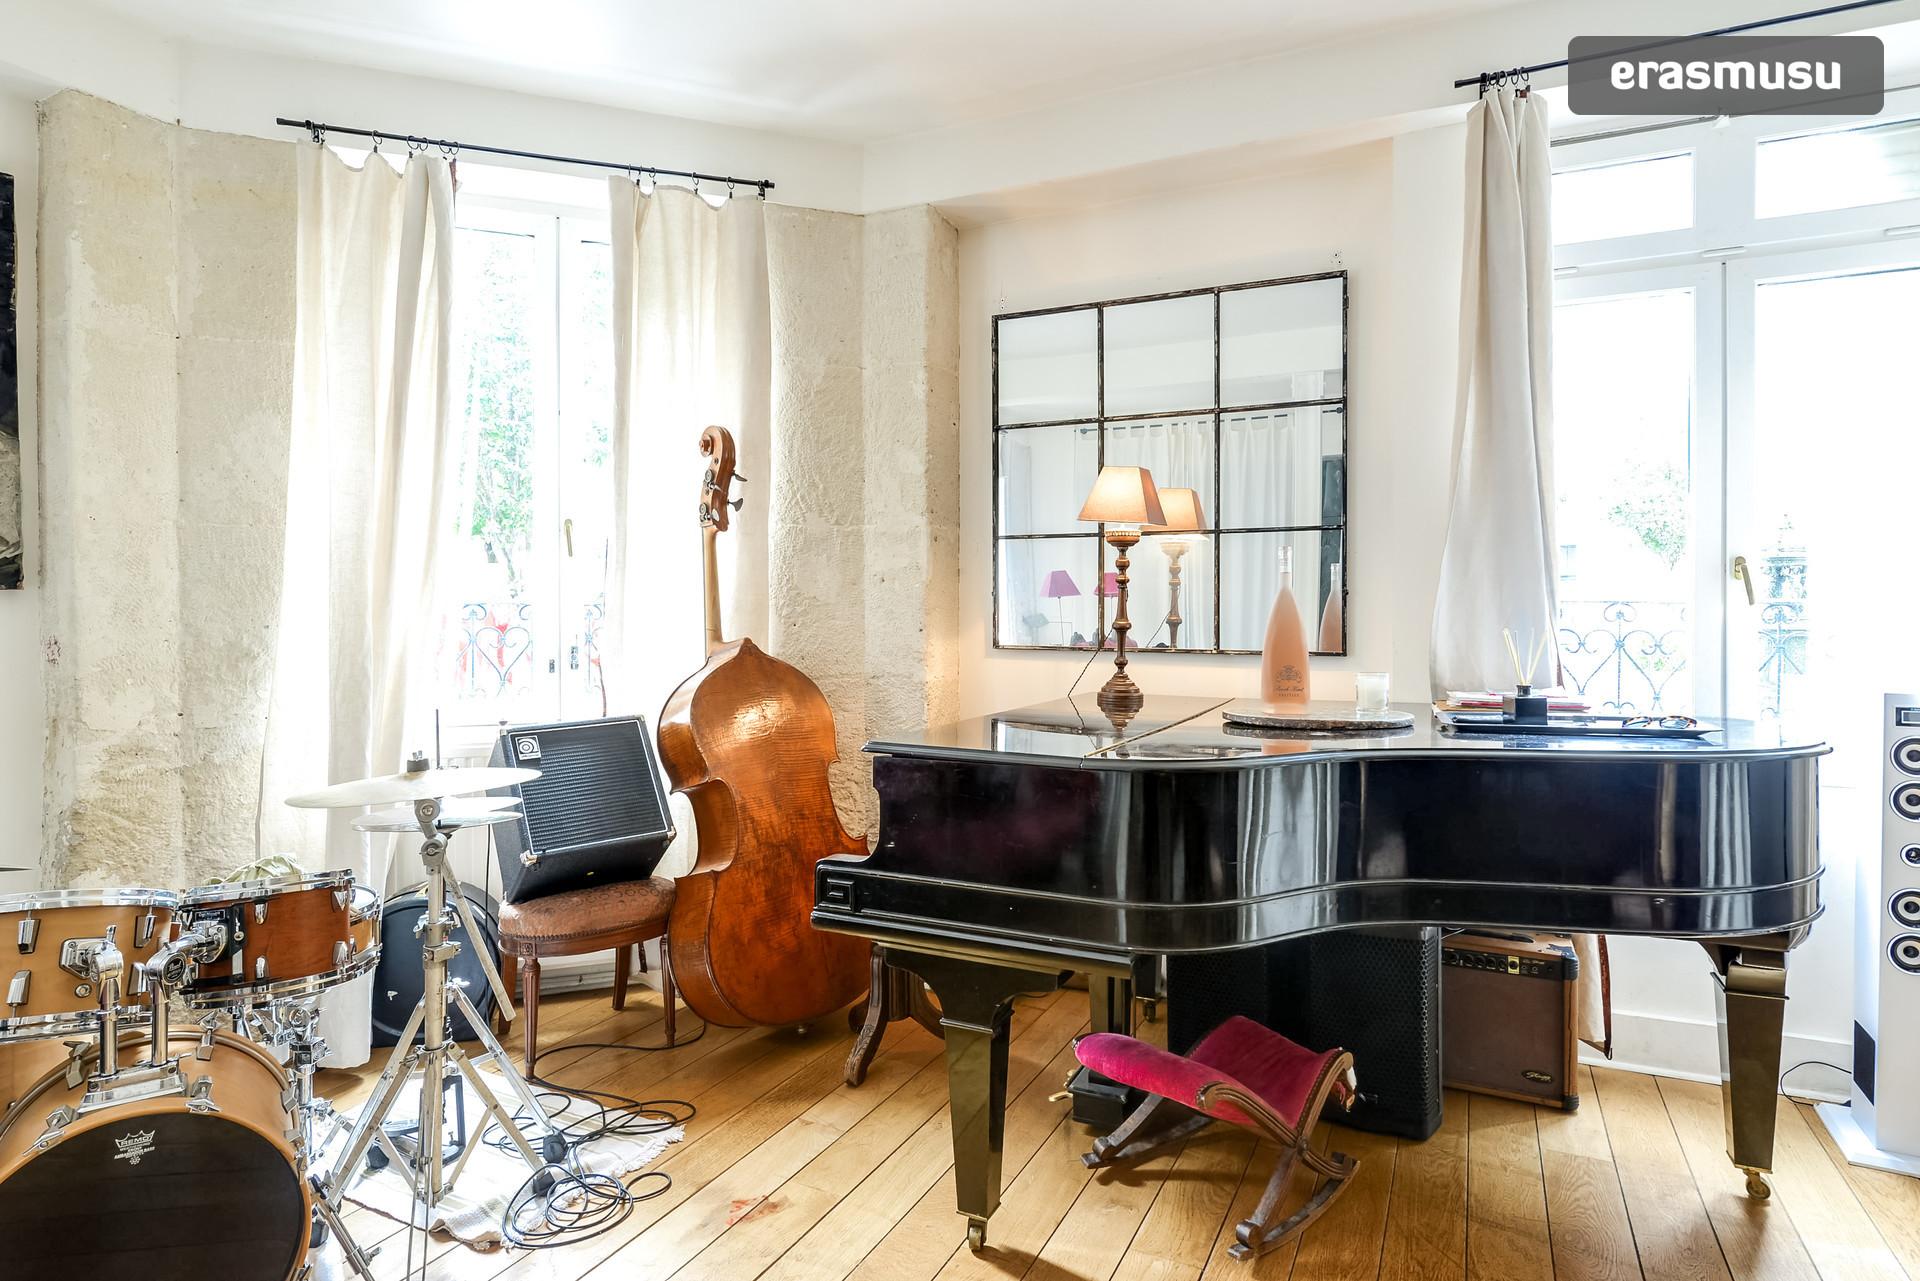 belle chambre dans une grande maison au coeur de paris preferably girls location chambres paris. Black Bedroom Furniture Sets. Home Design Ideas